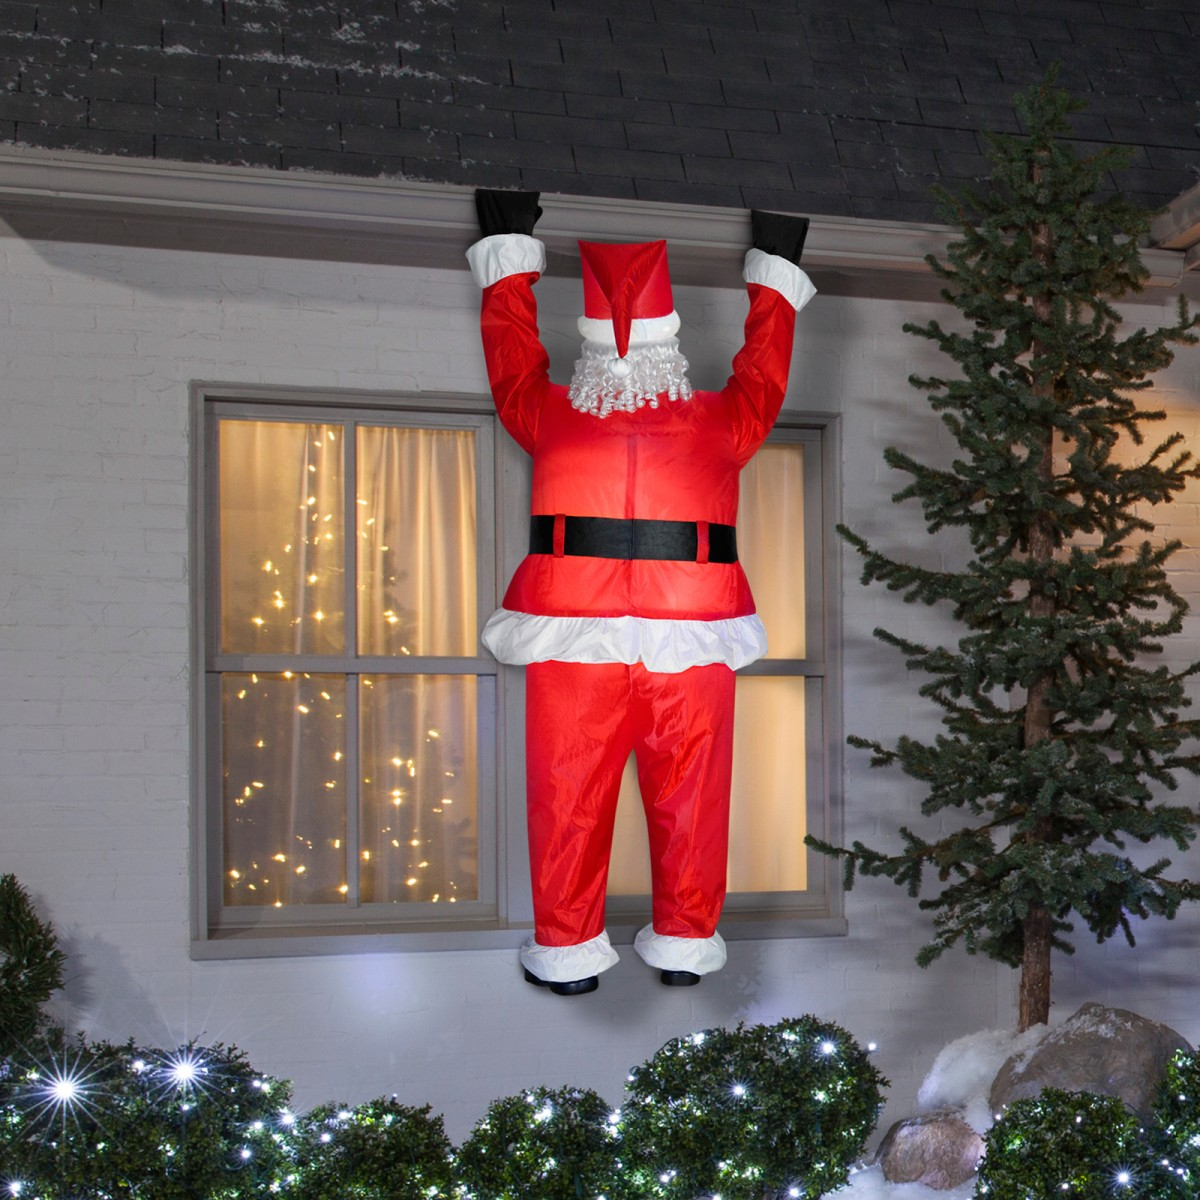 クリスマス 屋外 飾り 装飾 デコレーション ぶら下がる サンタクロース 大きい 2m